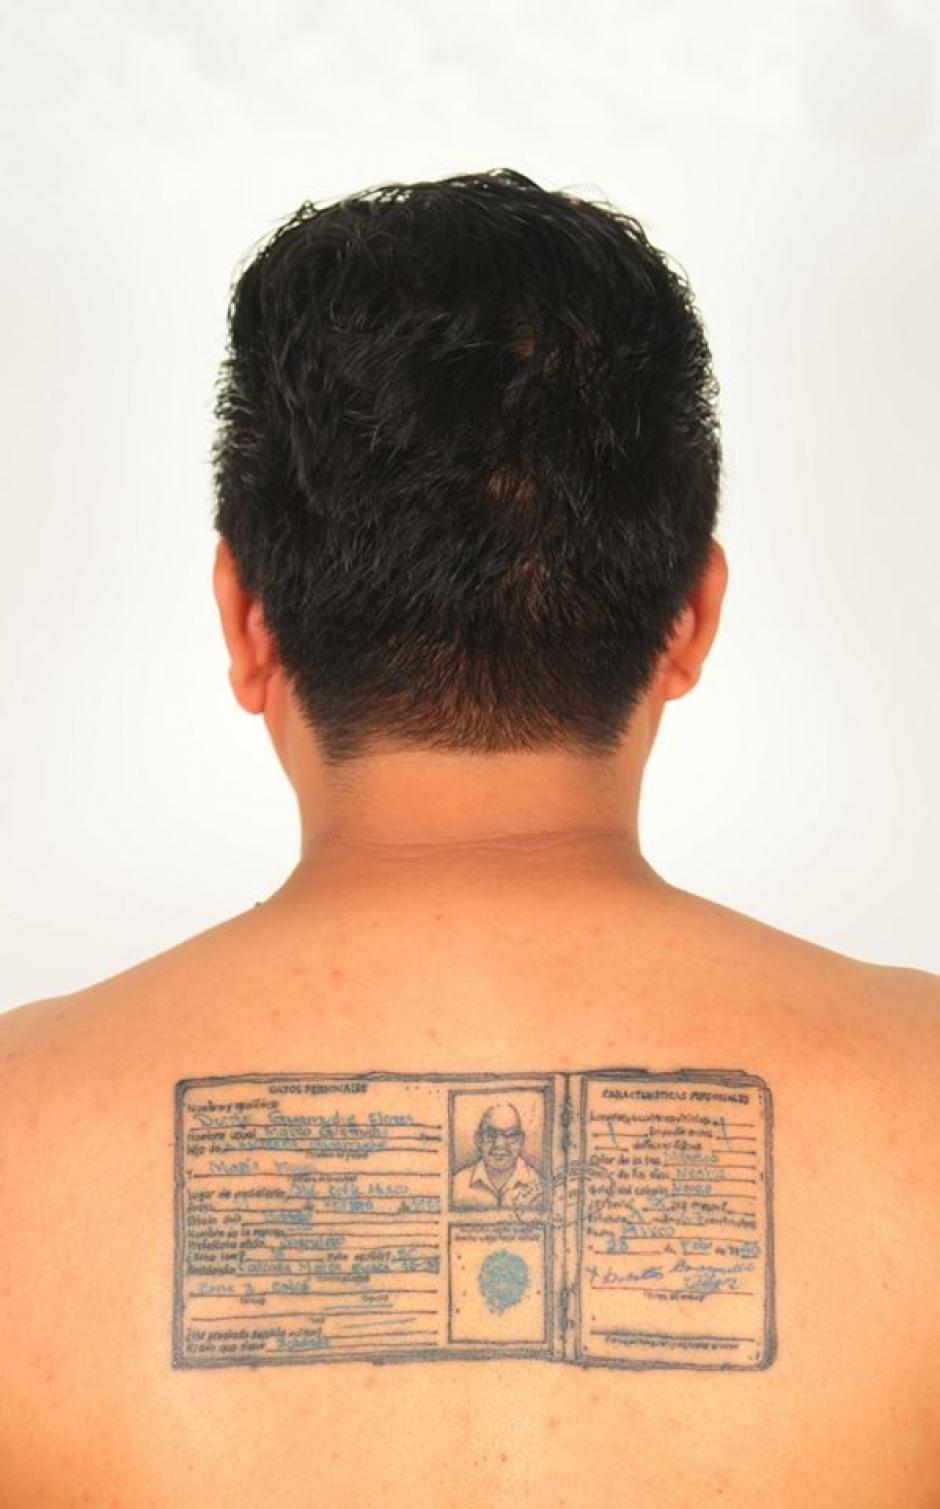 Chavajay se tatuó la cédula de vecindad del deportista Doroteo Guamuch Flores en la espalda. (Foto: Benvenuto Chavajay)